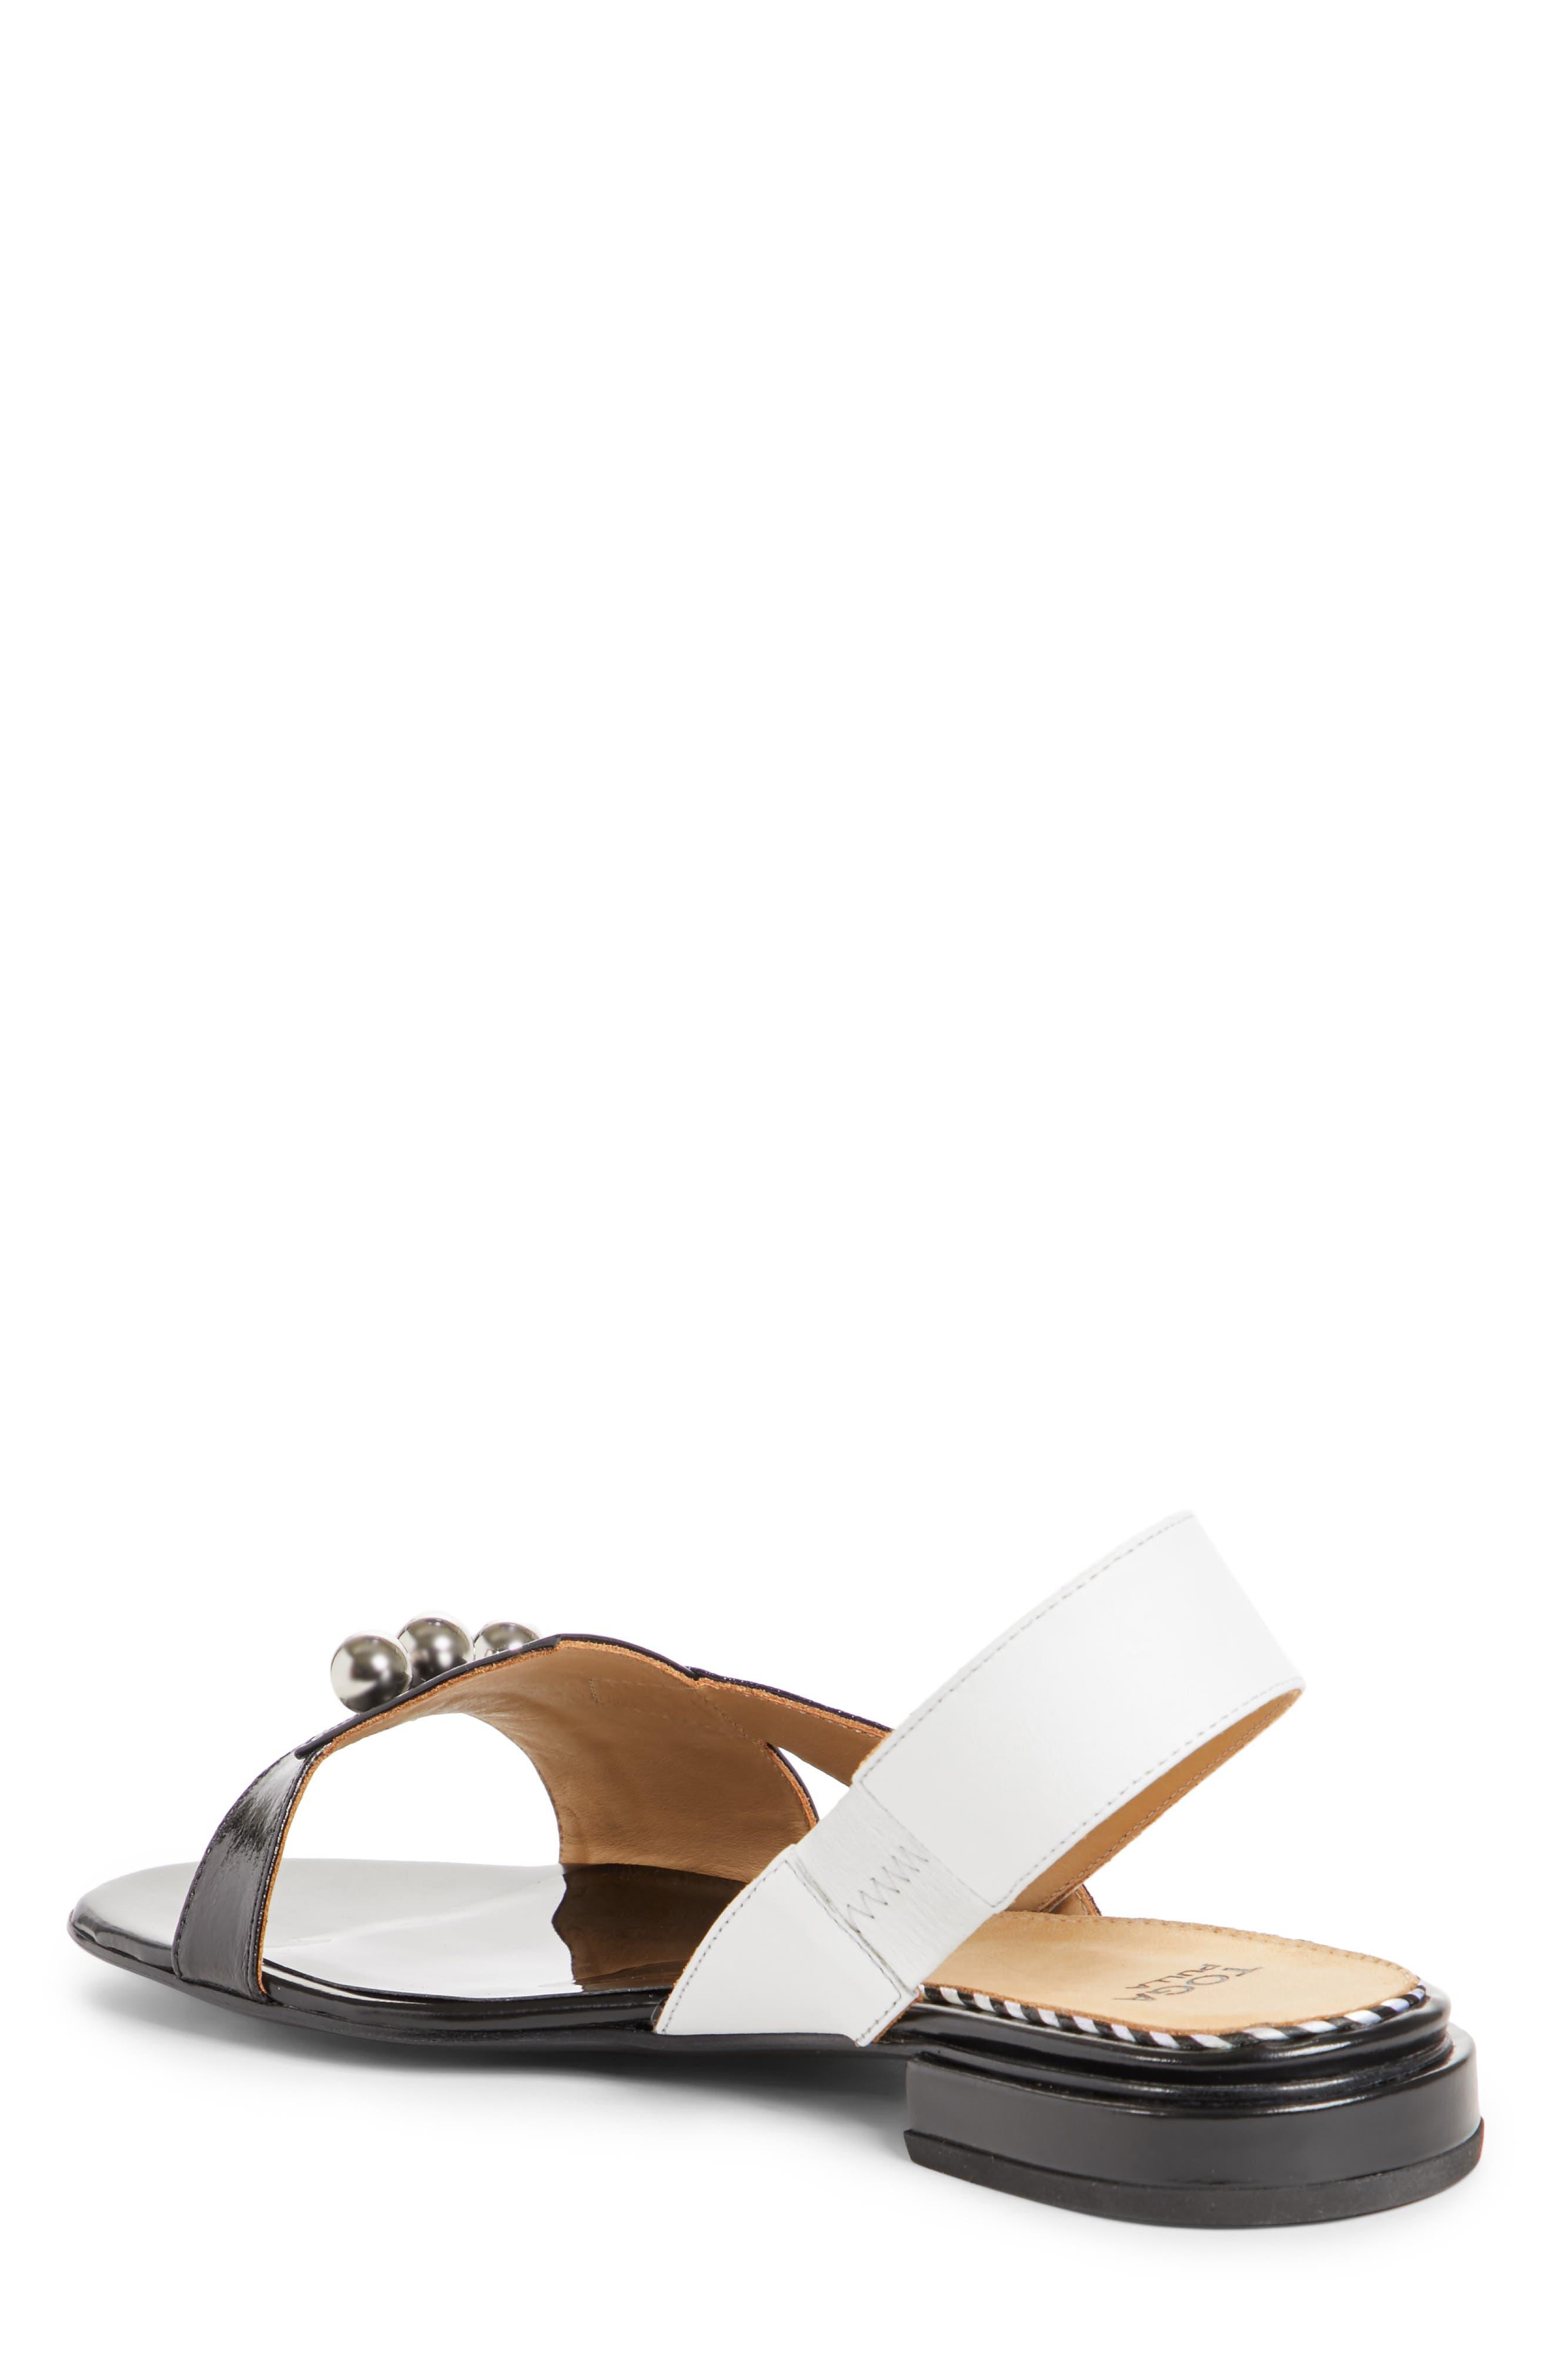 Alternate Image 3  - TOGA PULLA Embellished Colorblock Slingback Sandal (Women)